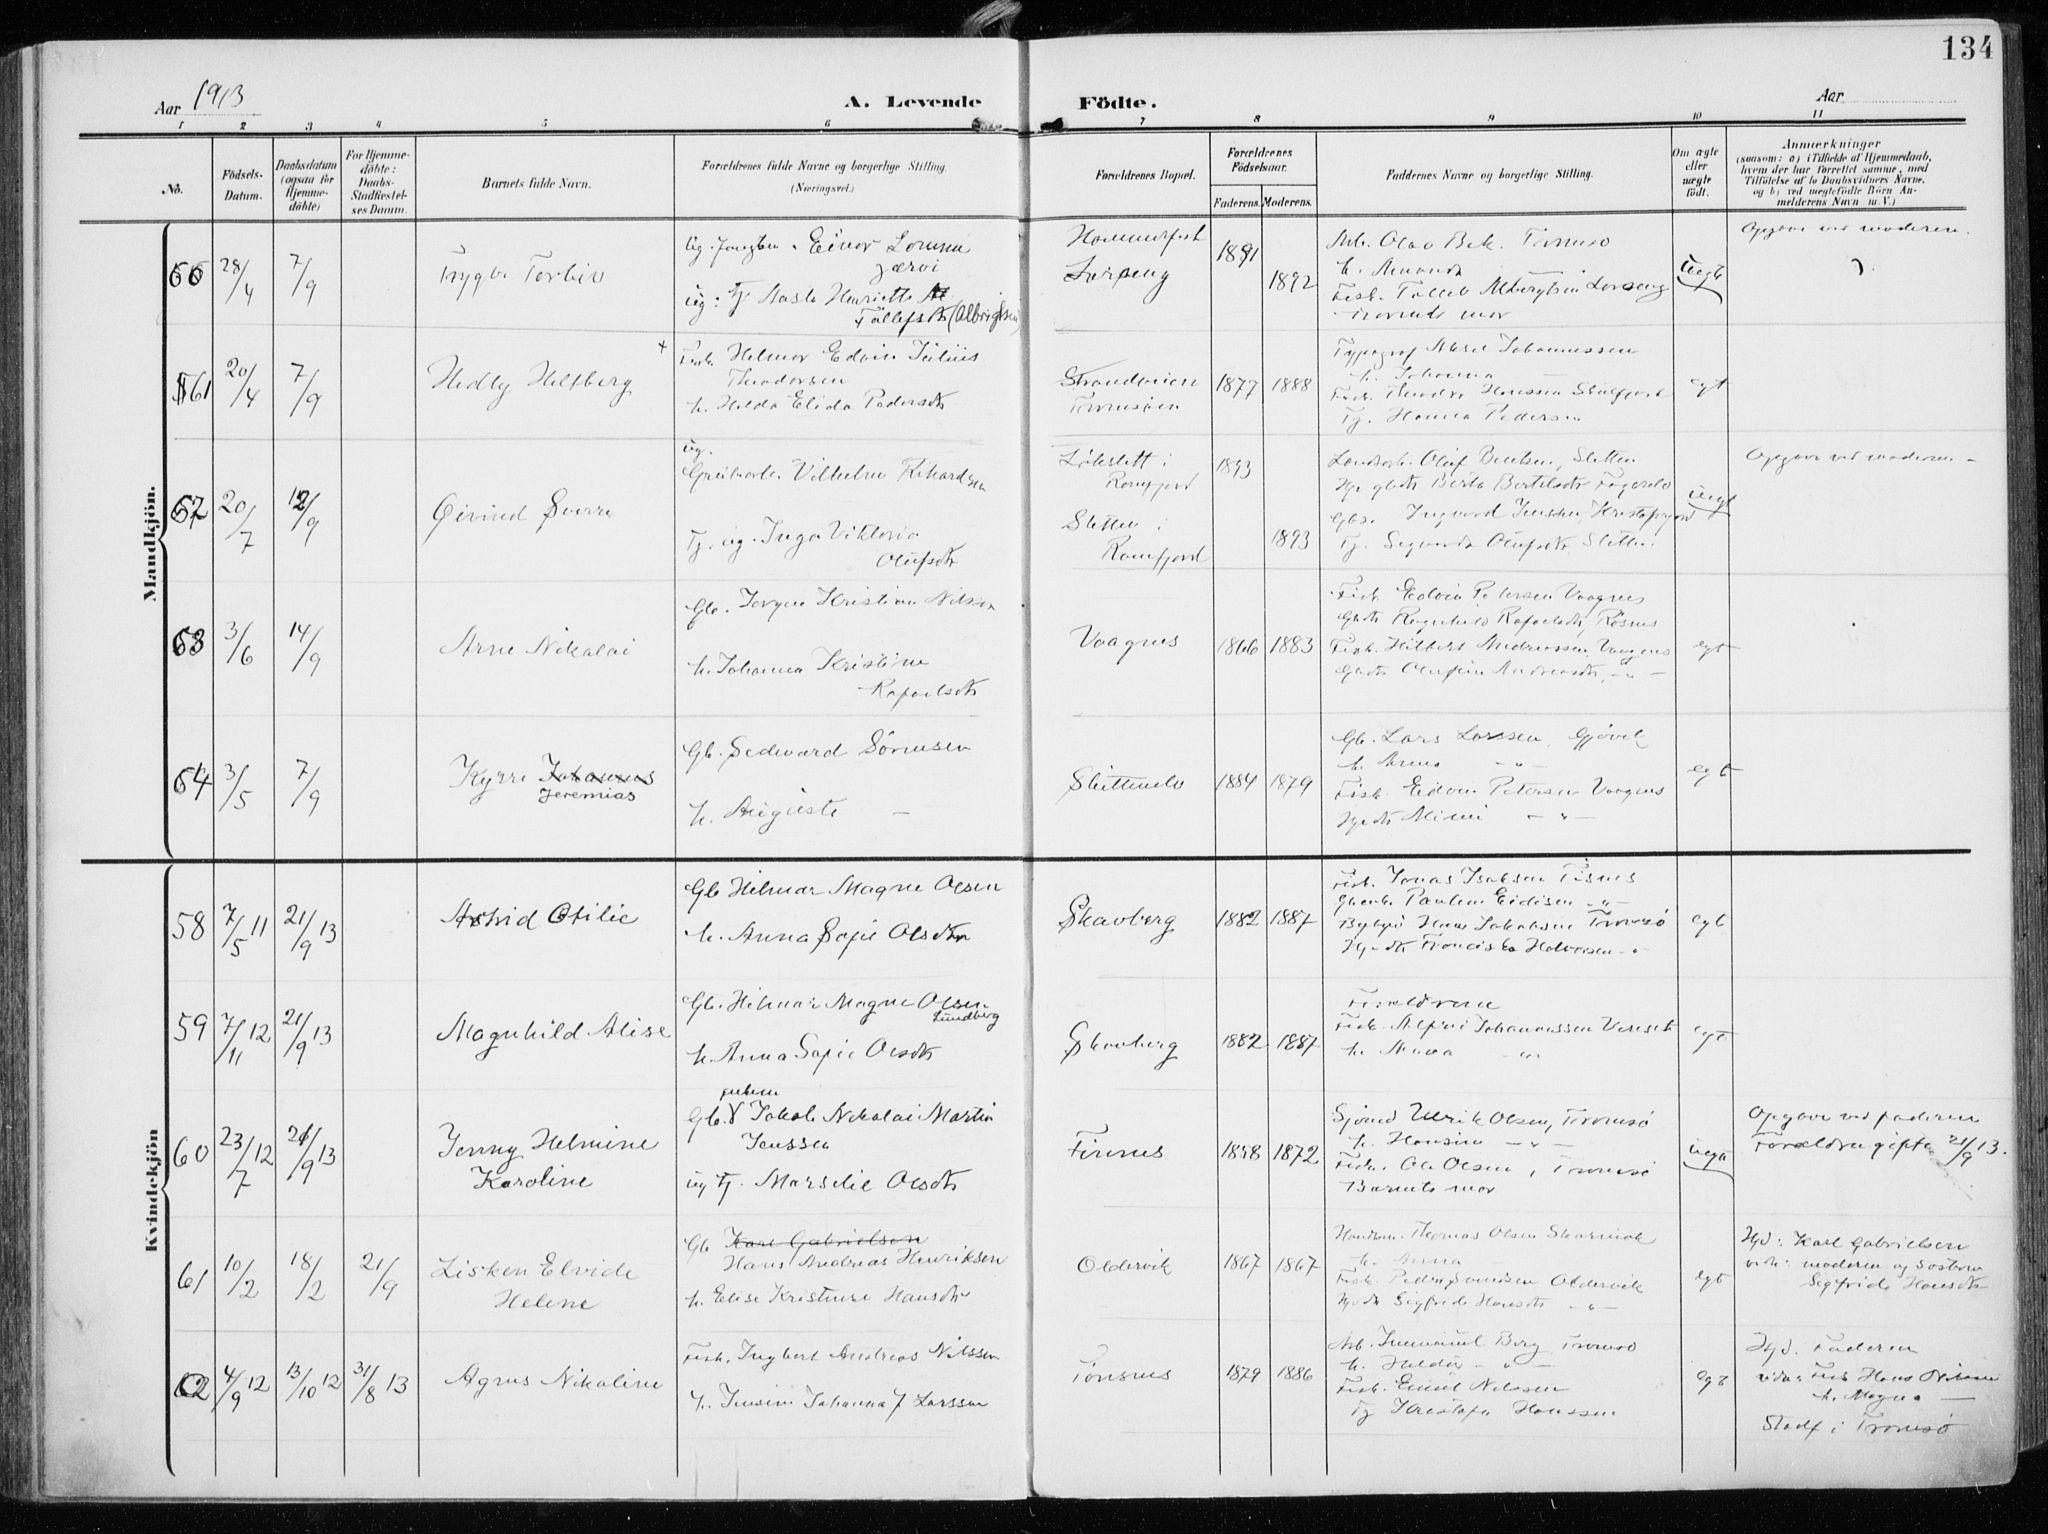 SATØ, Tromsøysund sokneprestkontor, G/Ga/L0007kirke: Ministerialbok nr. 7, 1907-1914, s. 134